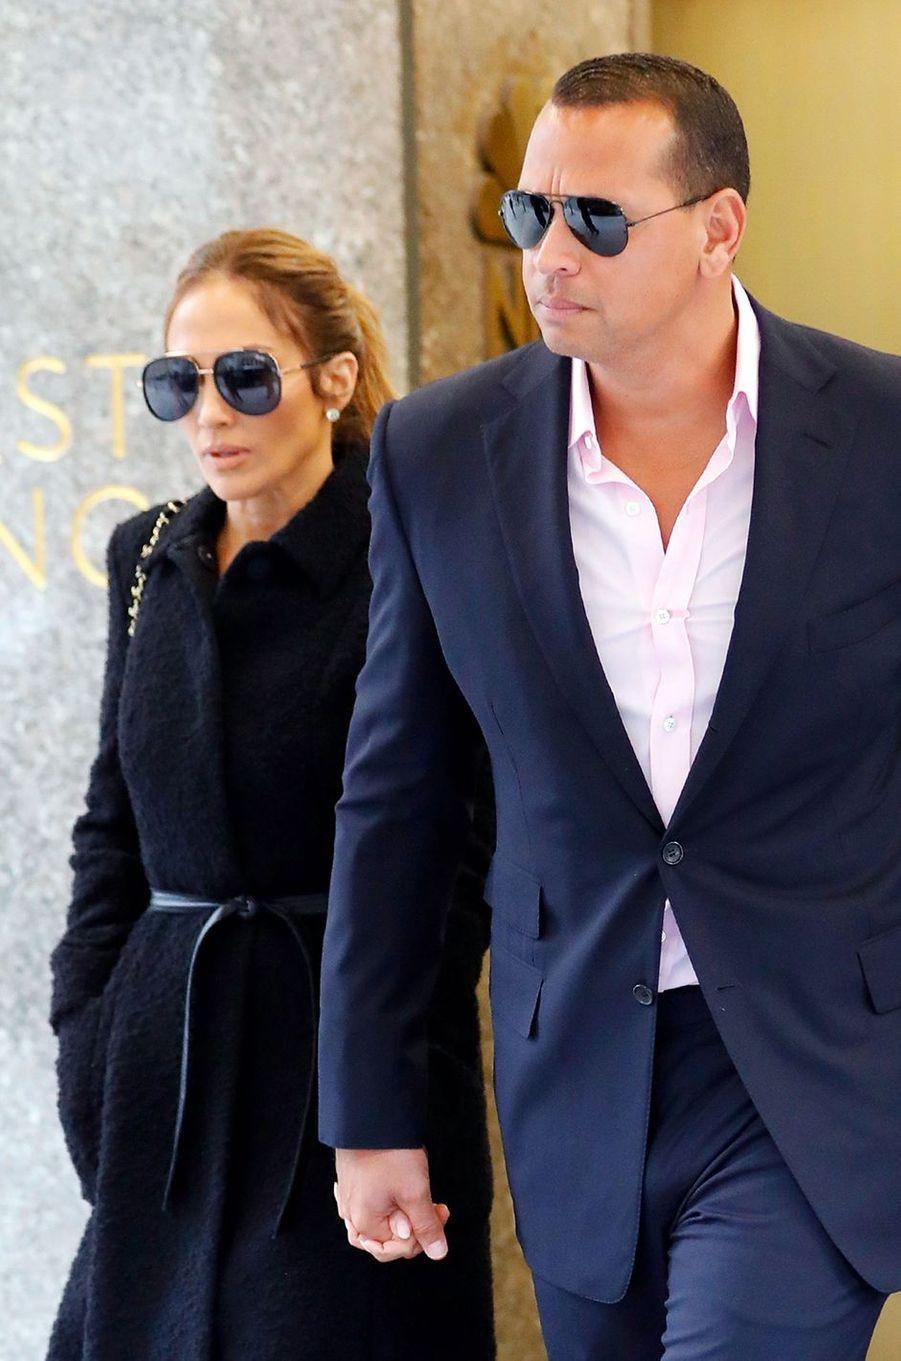 Jennifer Lopez et Alex Rodriguez à New York en avril 2017. Le couple se fréquente depuis le début de l'année 2017 et s'est fiancé en 2019.